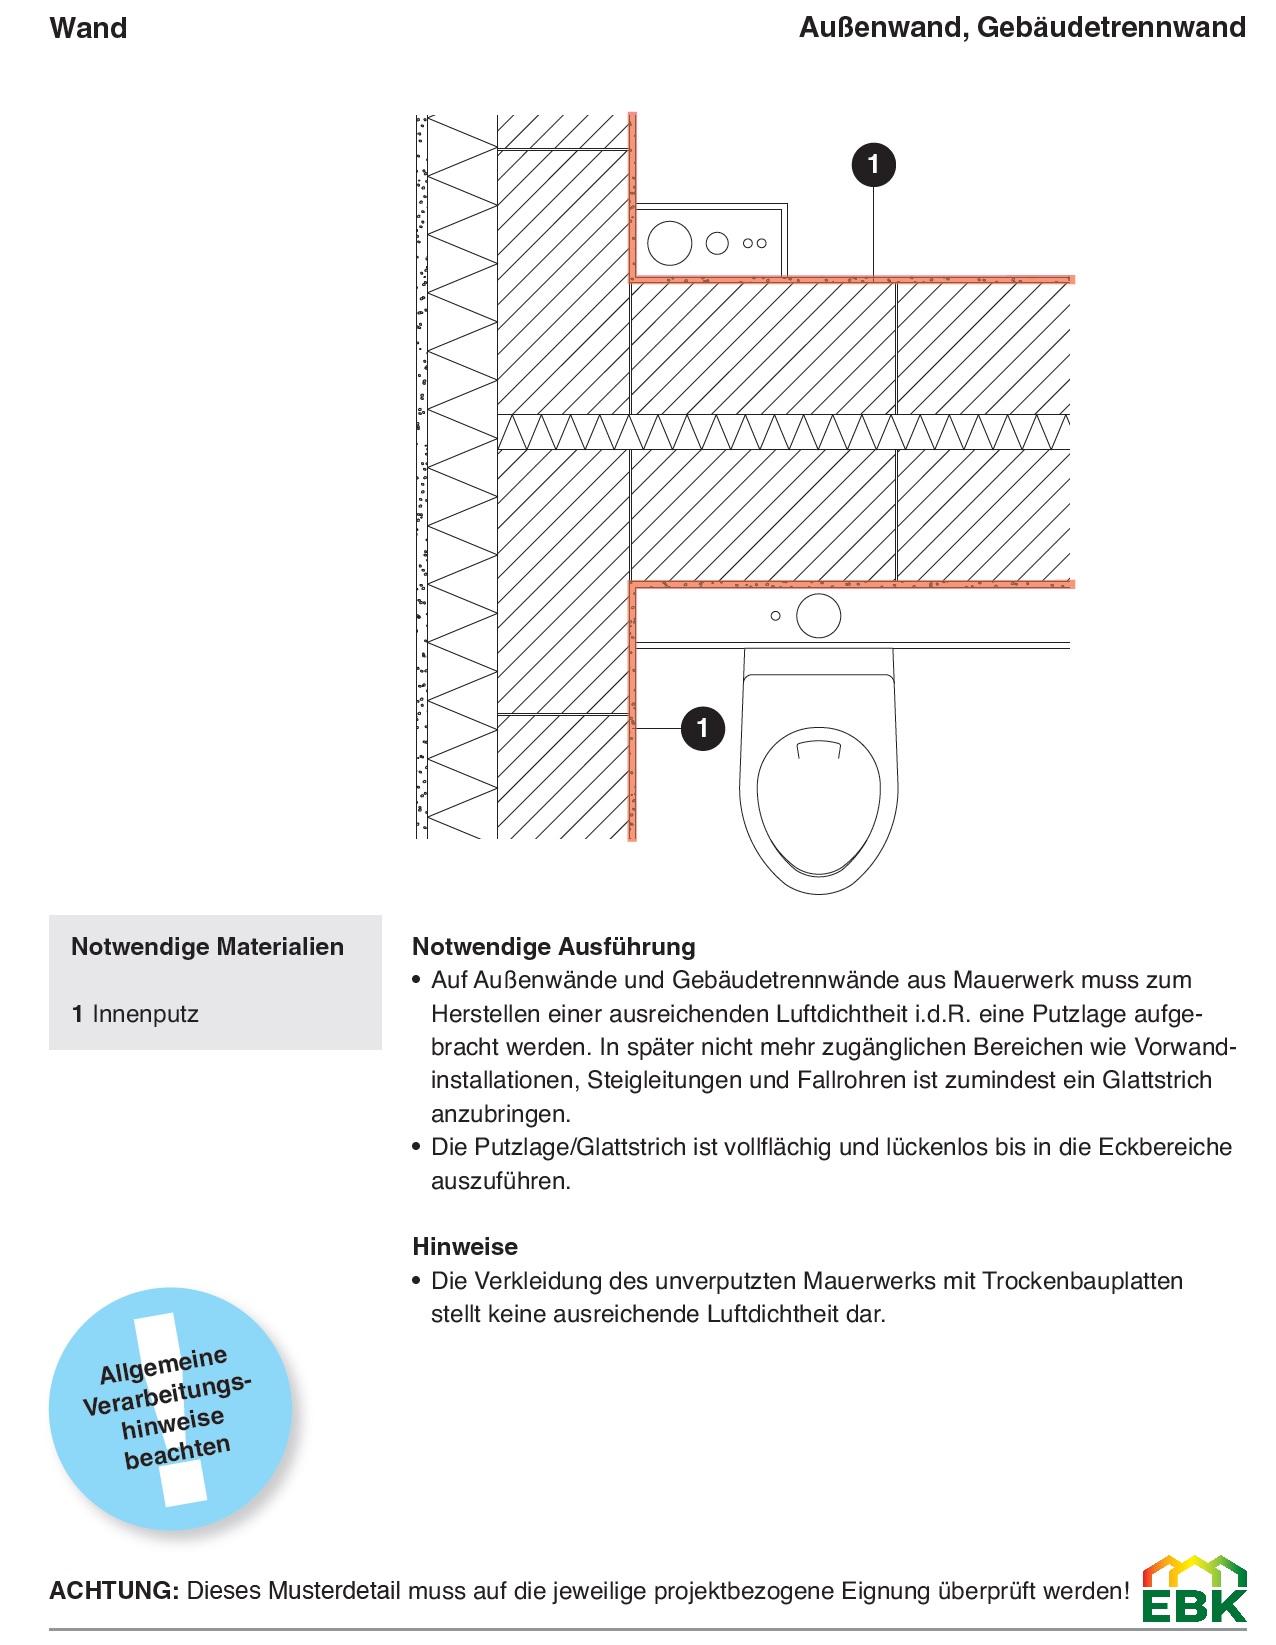 Anschluss Außenwand, Gebäudetrennwand